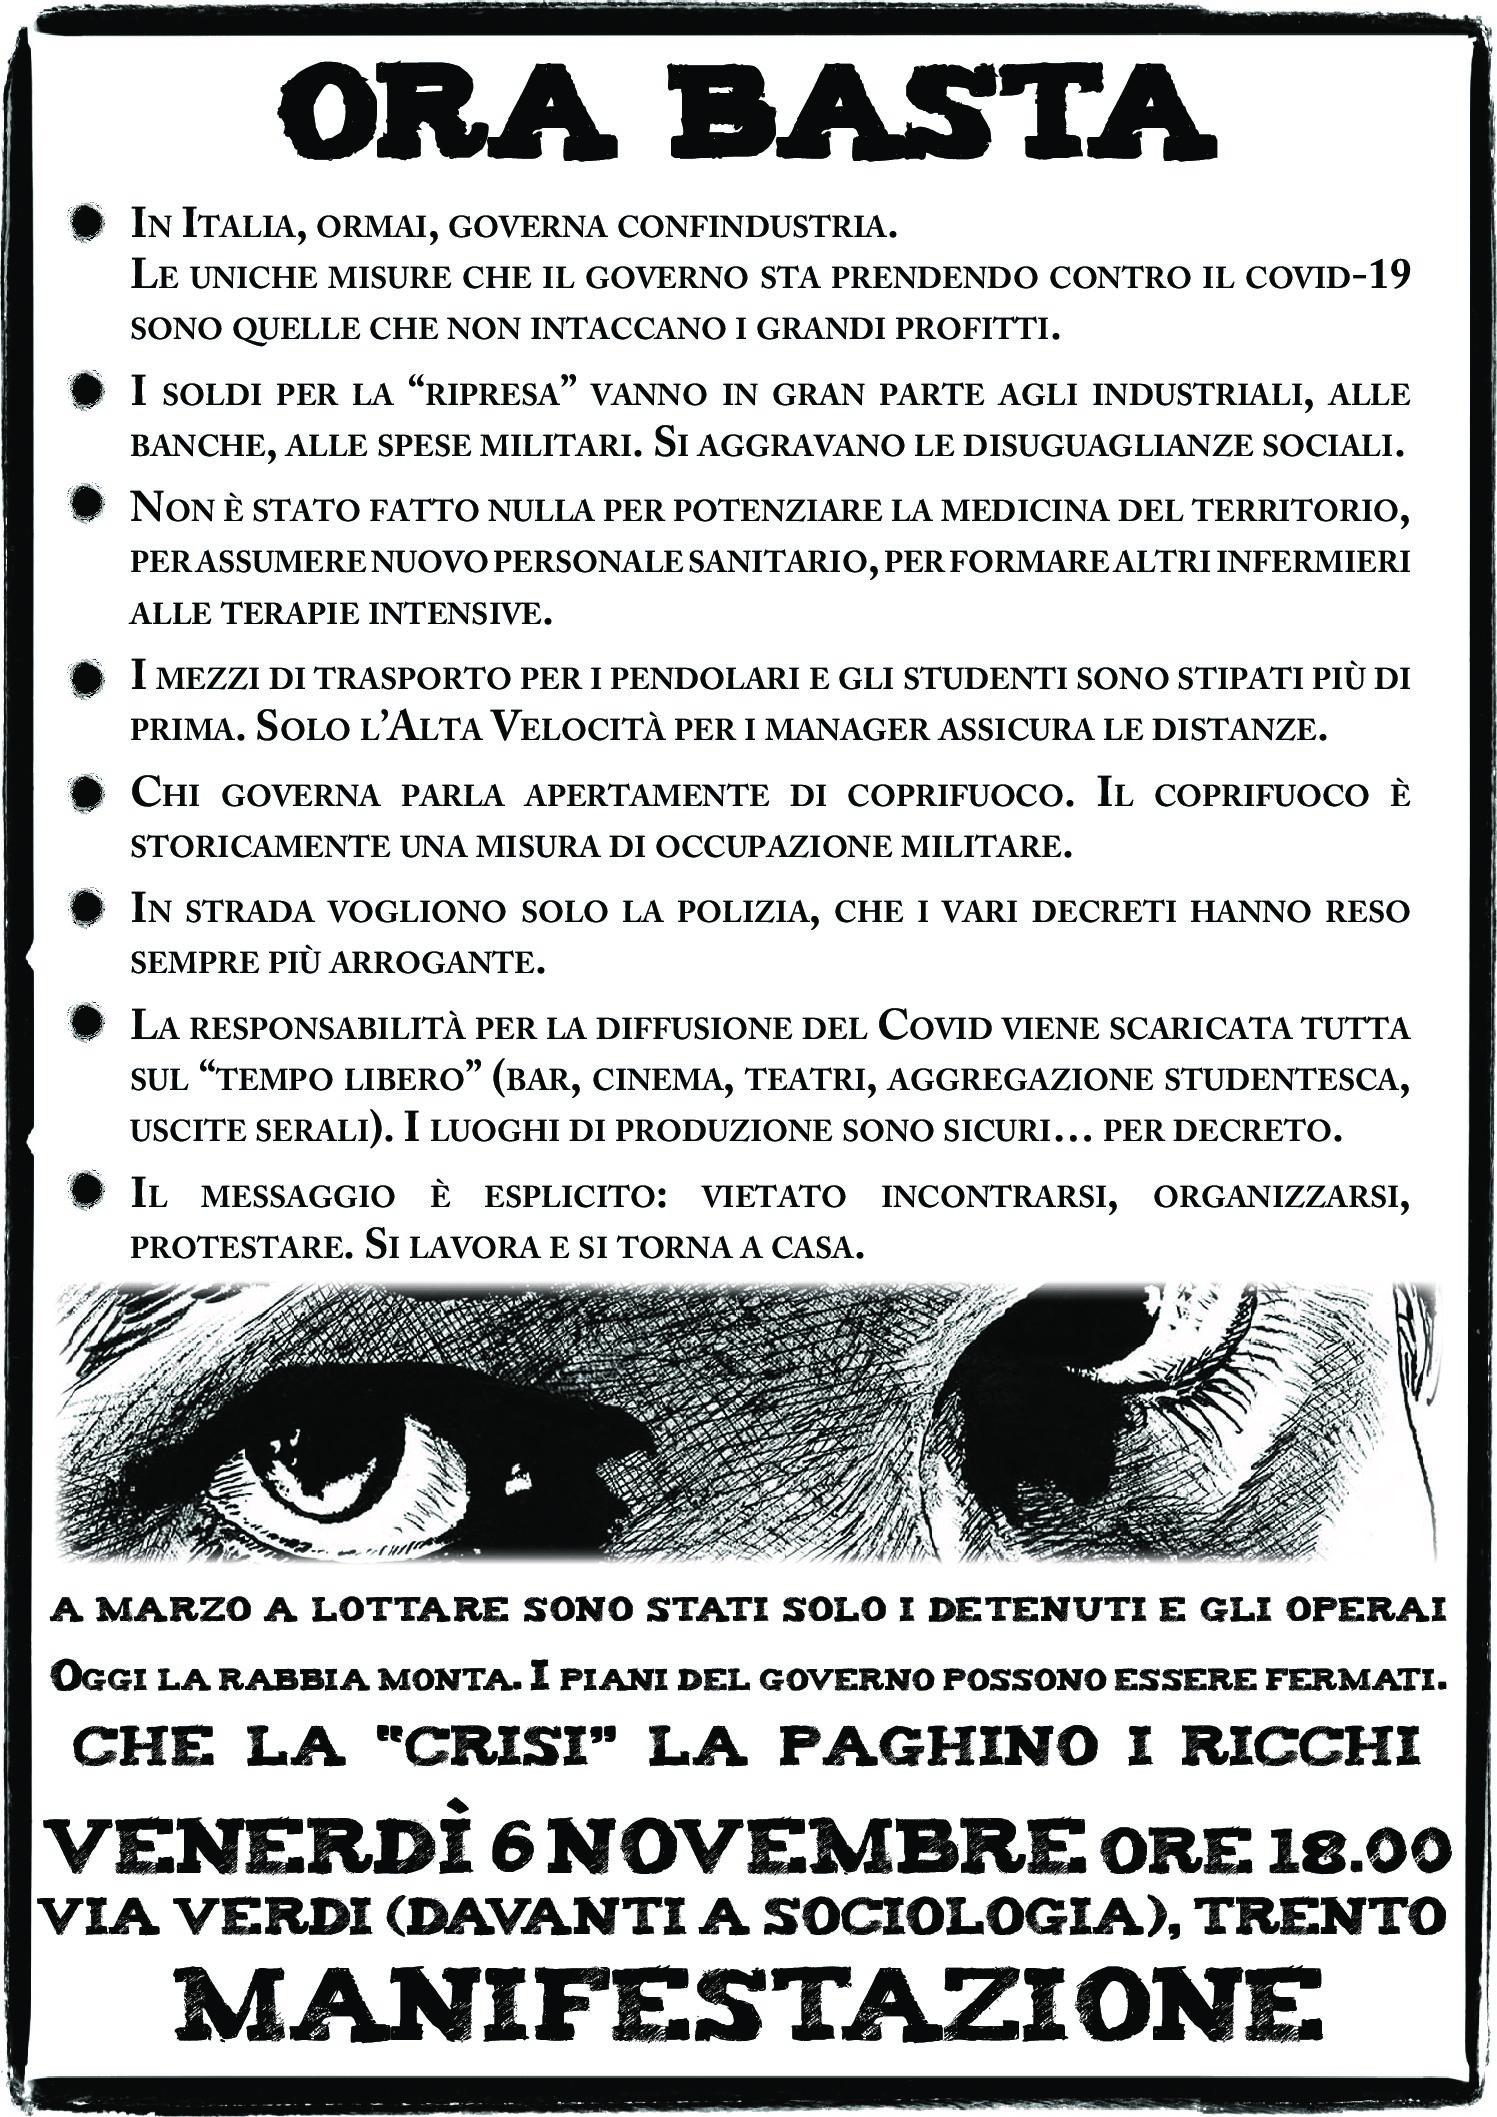 Ora Basta. Manifestazione a Trento